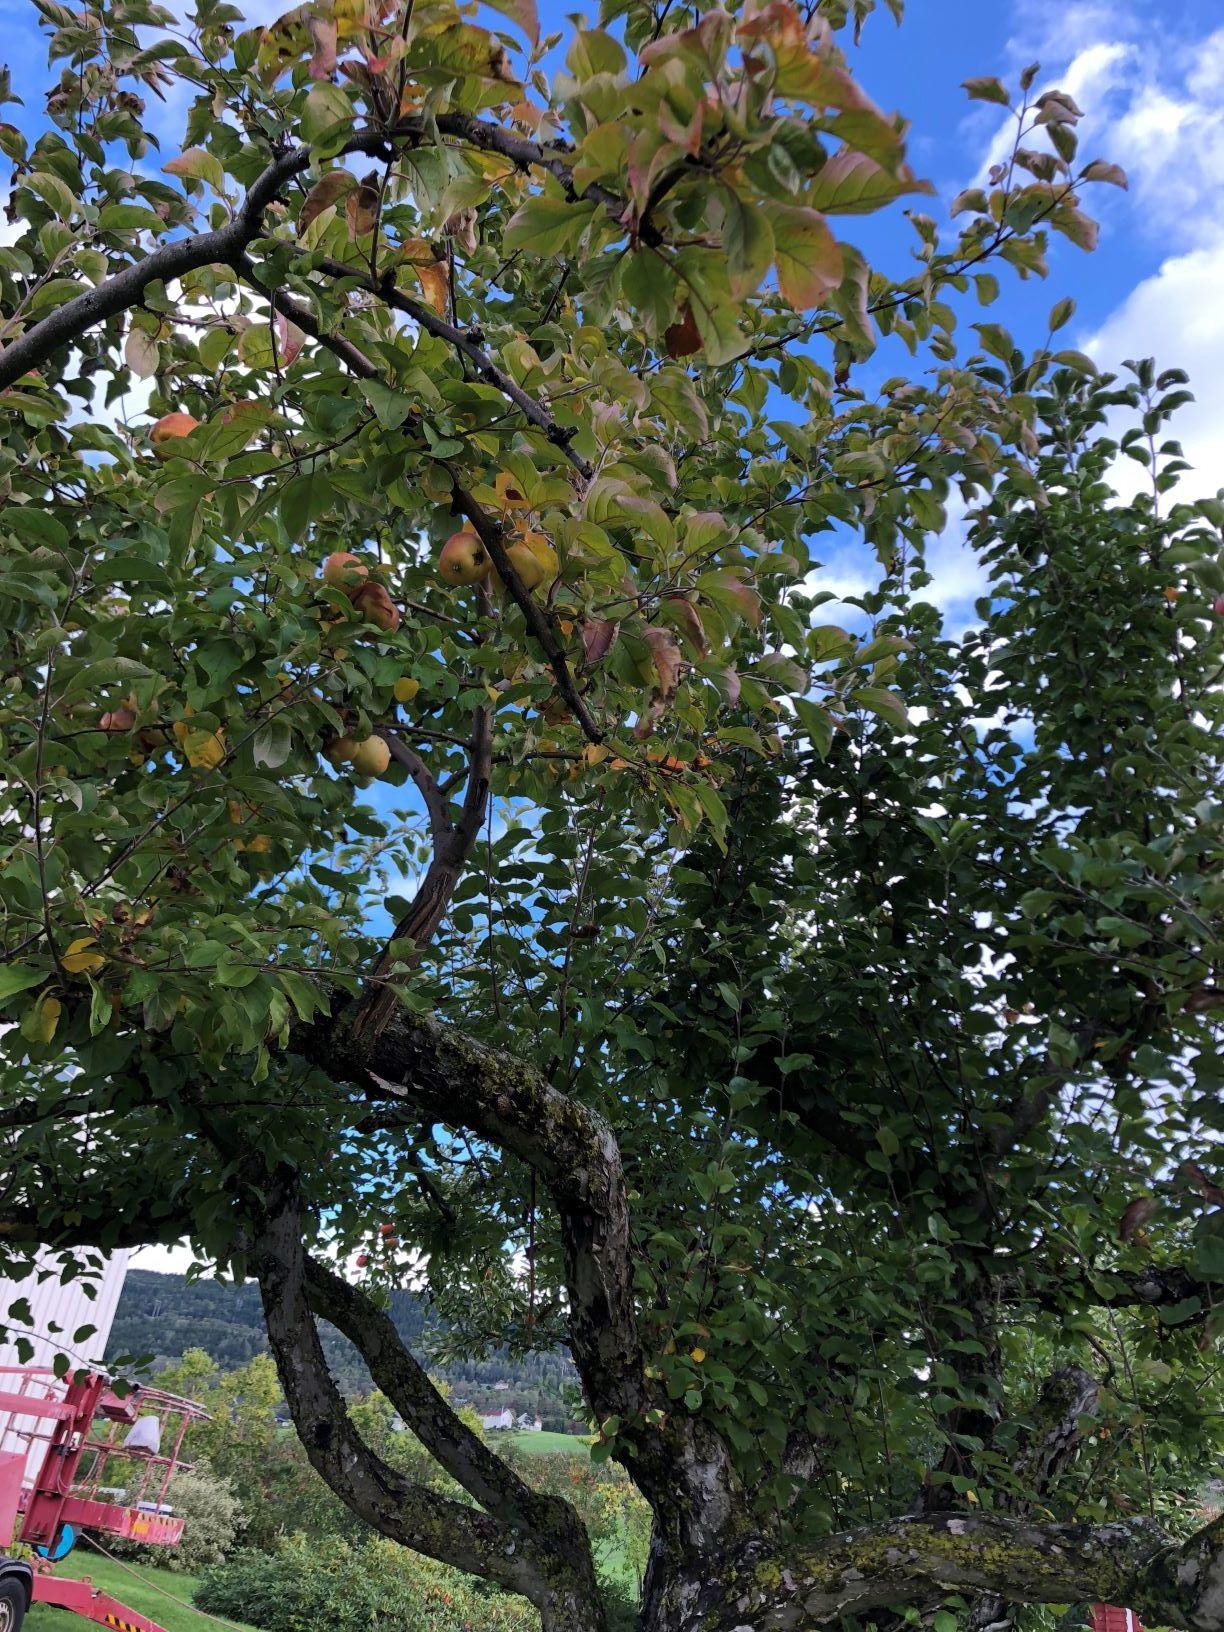 et tre fullt av modne epler